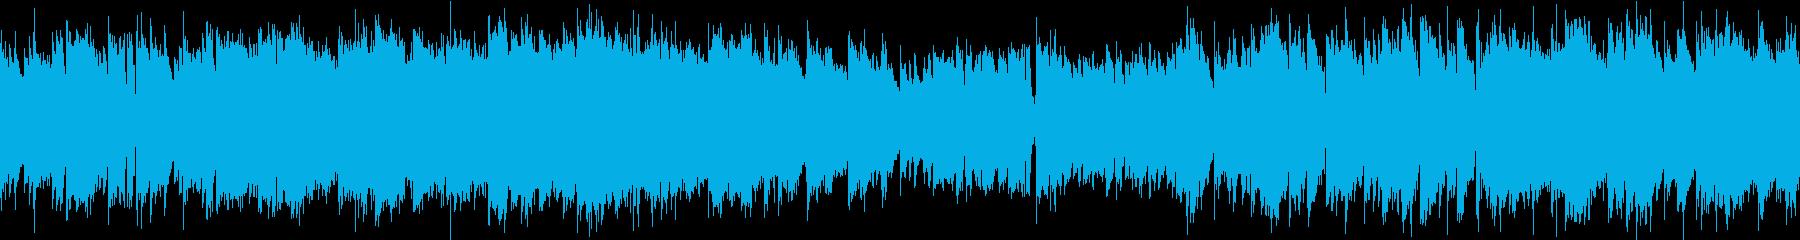 ピアノと弦楽器のキレイめ(ループ可)の再生済みの波形